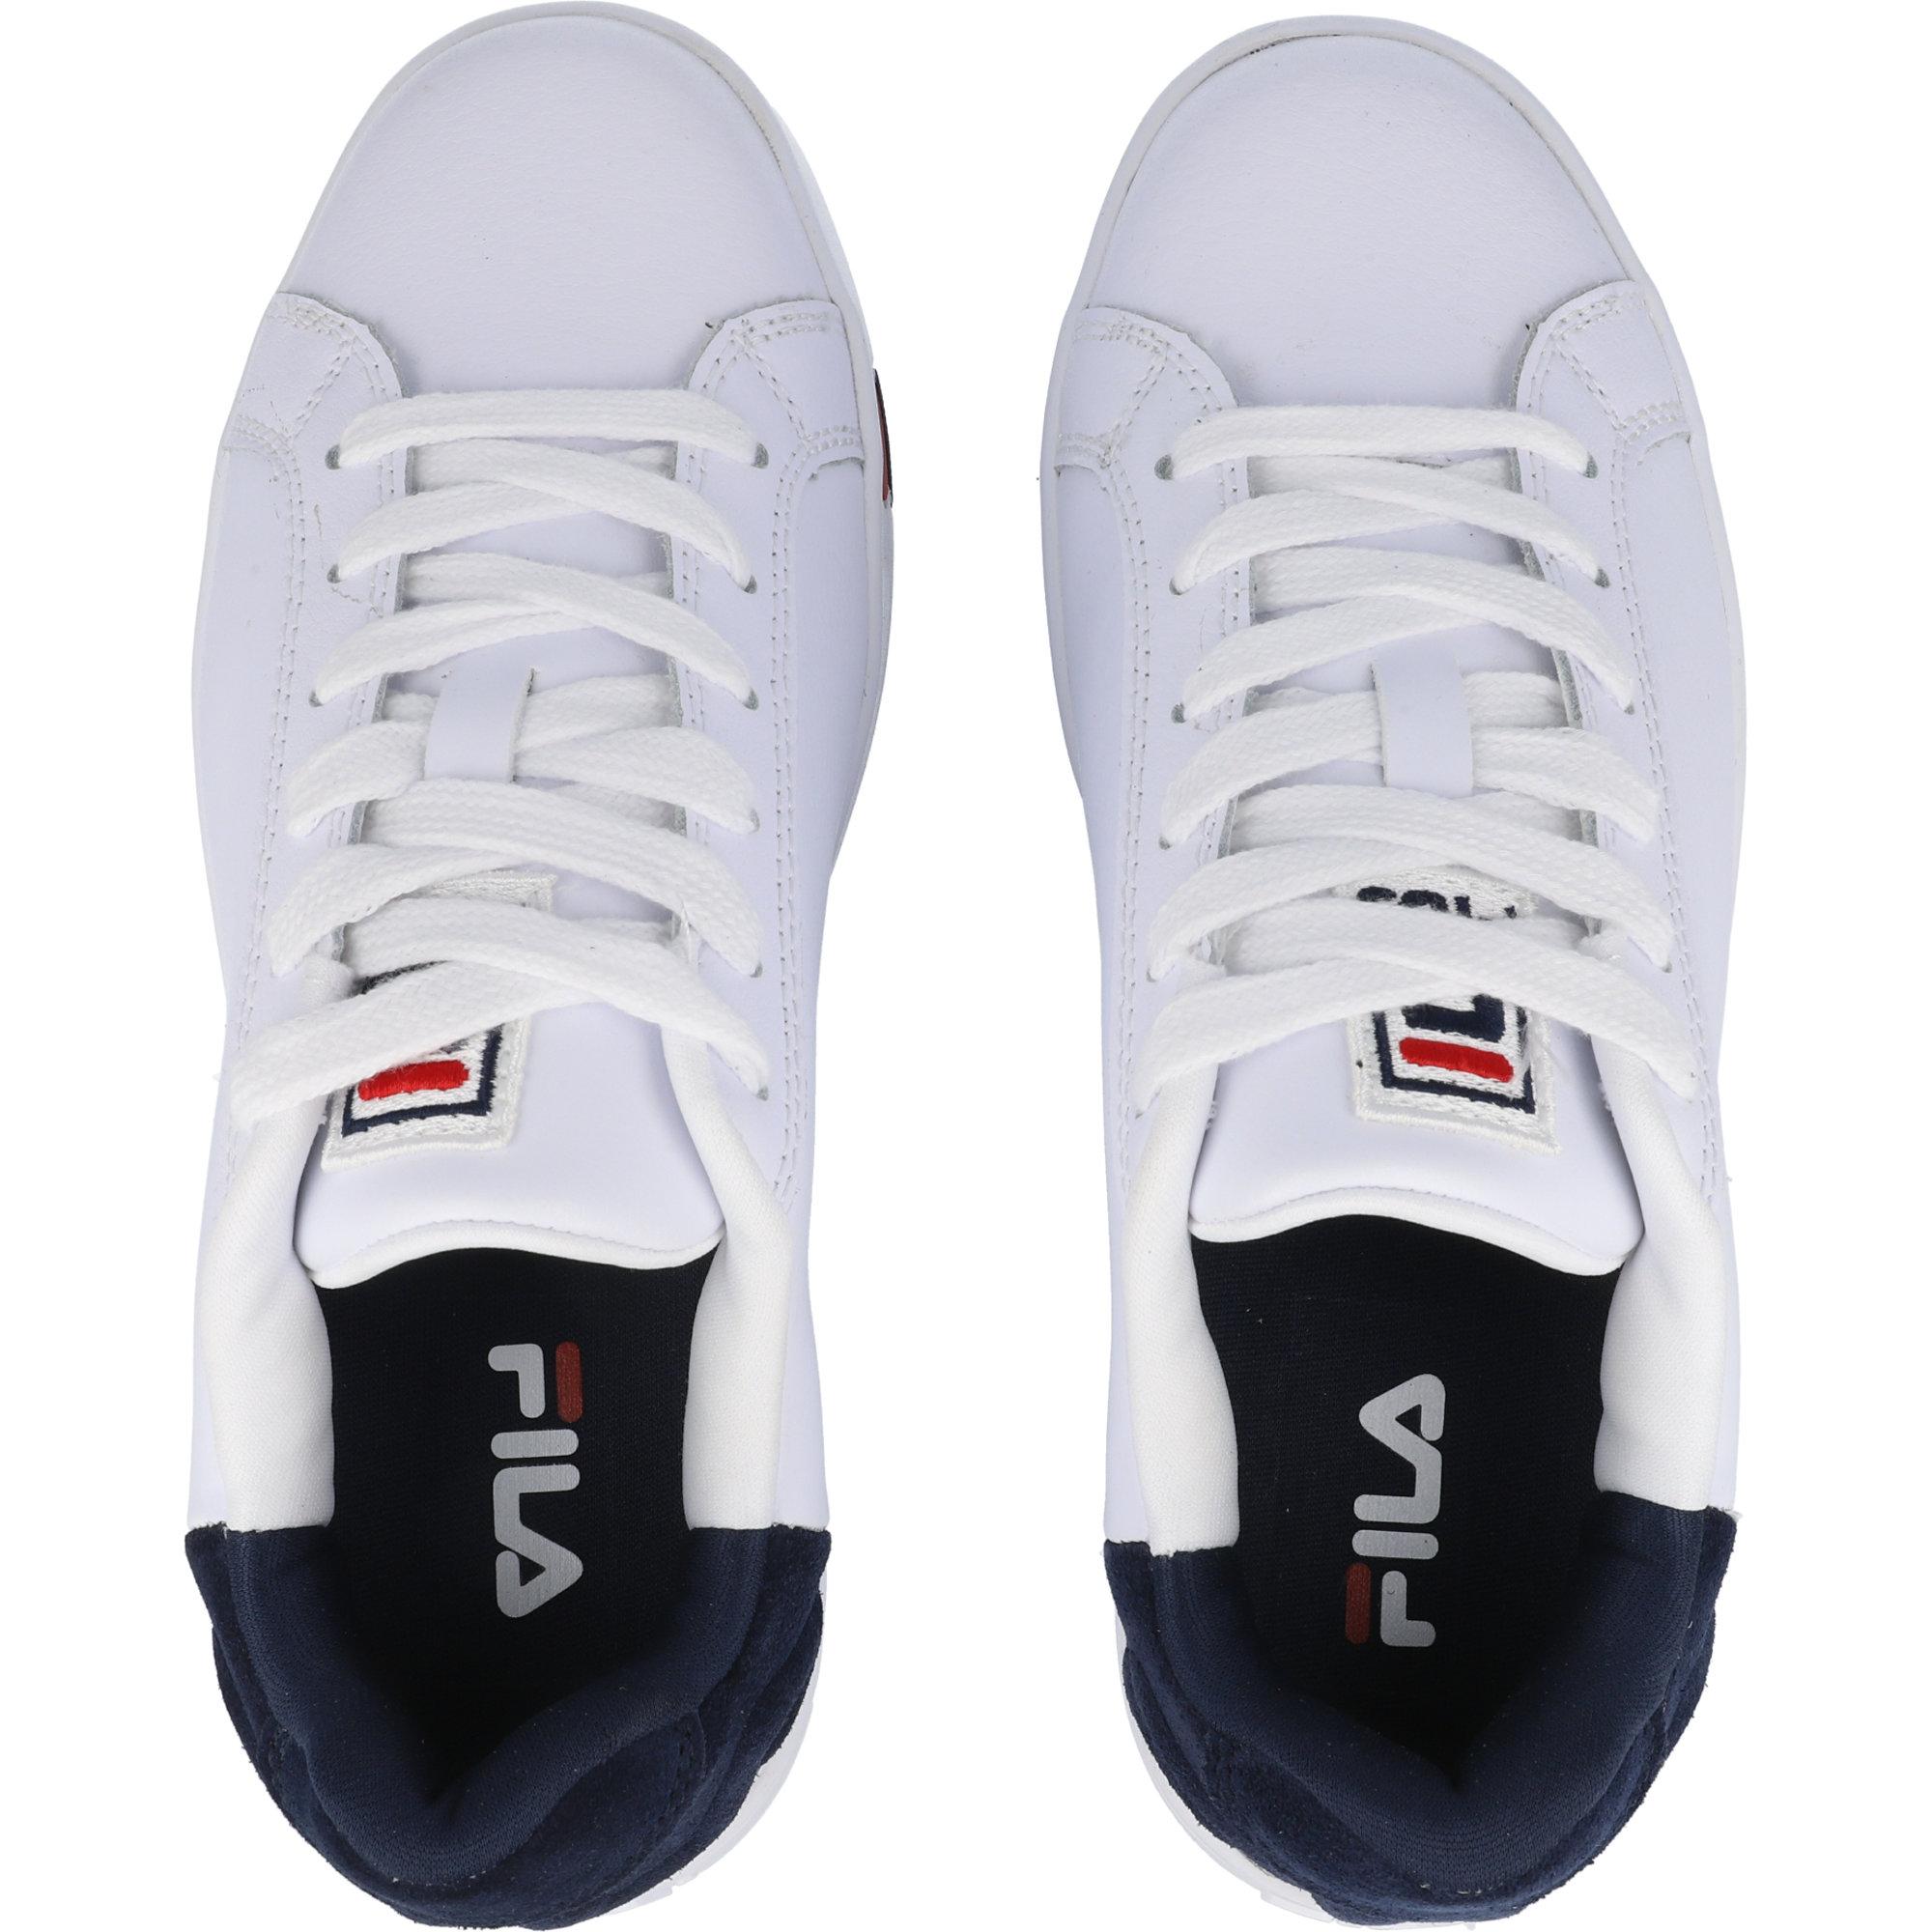 FILA Ryzer White/Fila Navy Synthetic